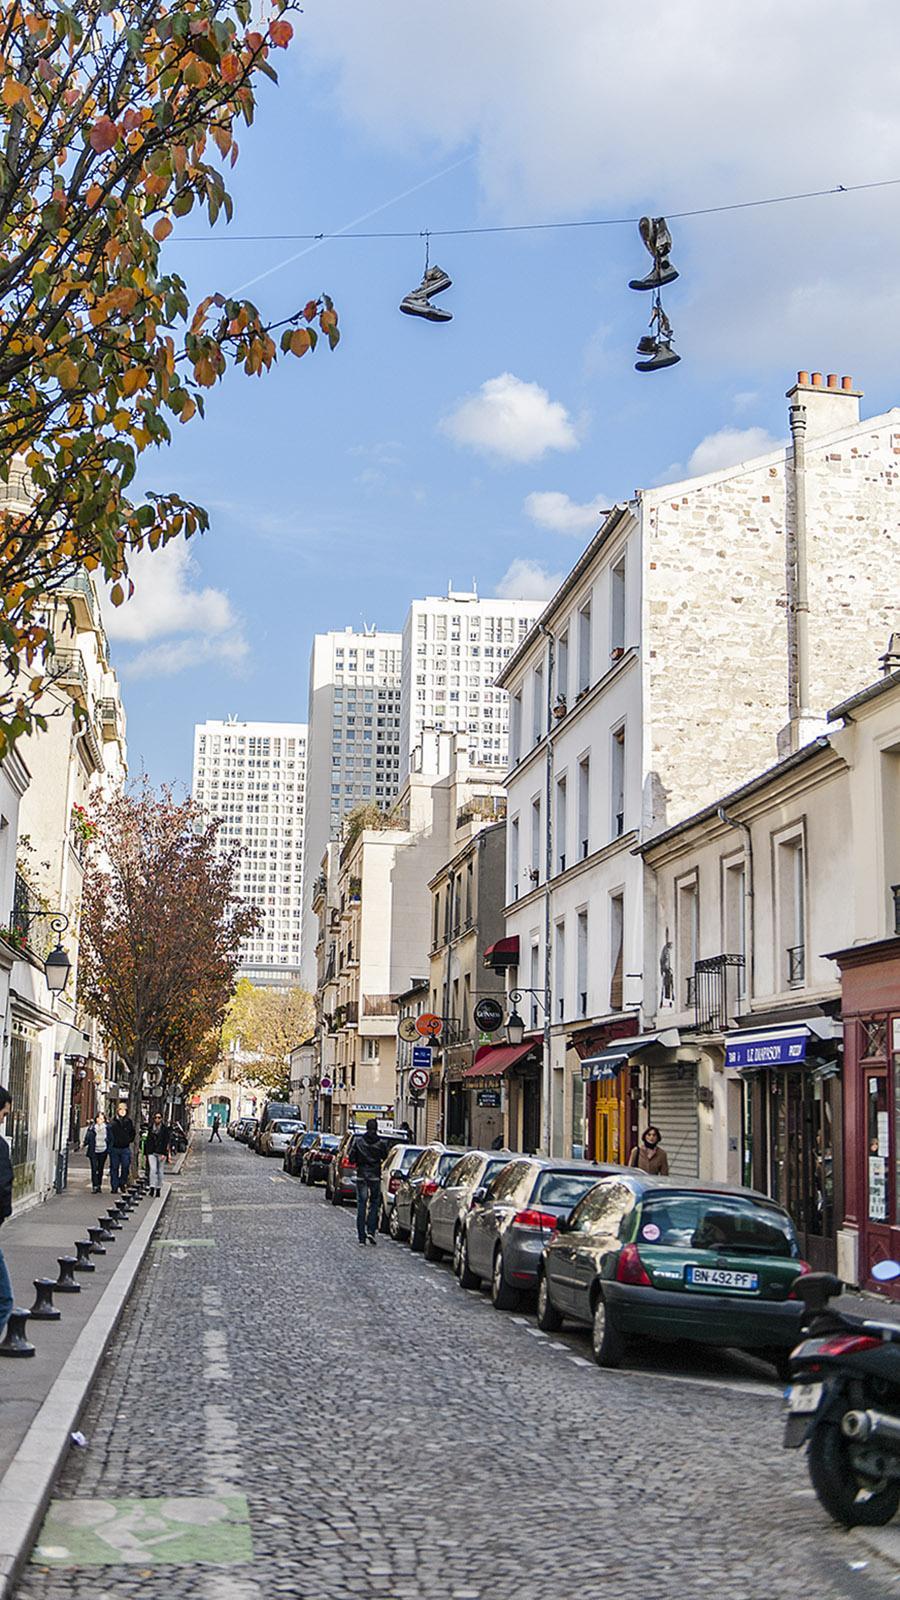 Ein Dorf, eingerahmt von den Hochhäusern des 13. Arrondissements: La Butte-aux-Cailes. Foto: Hilke Maunder